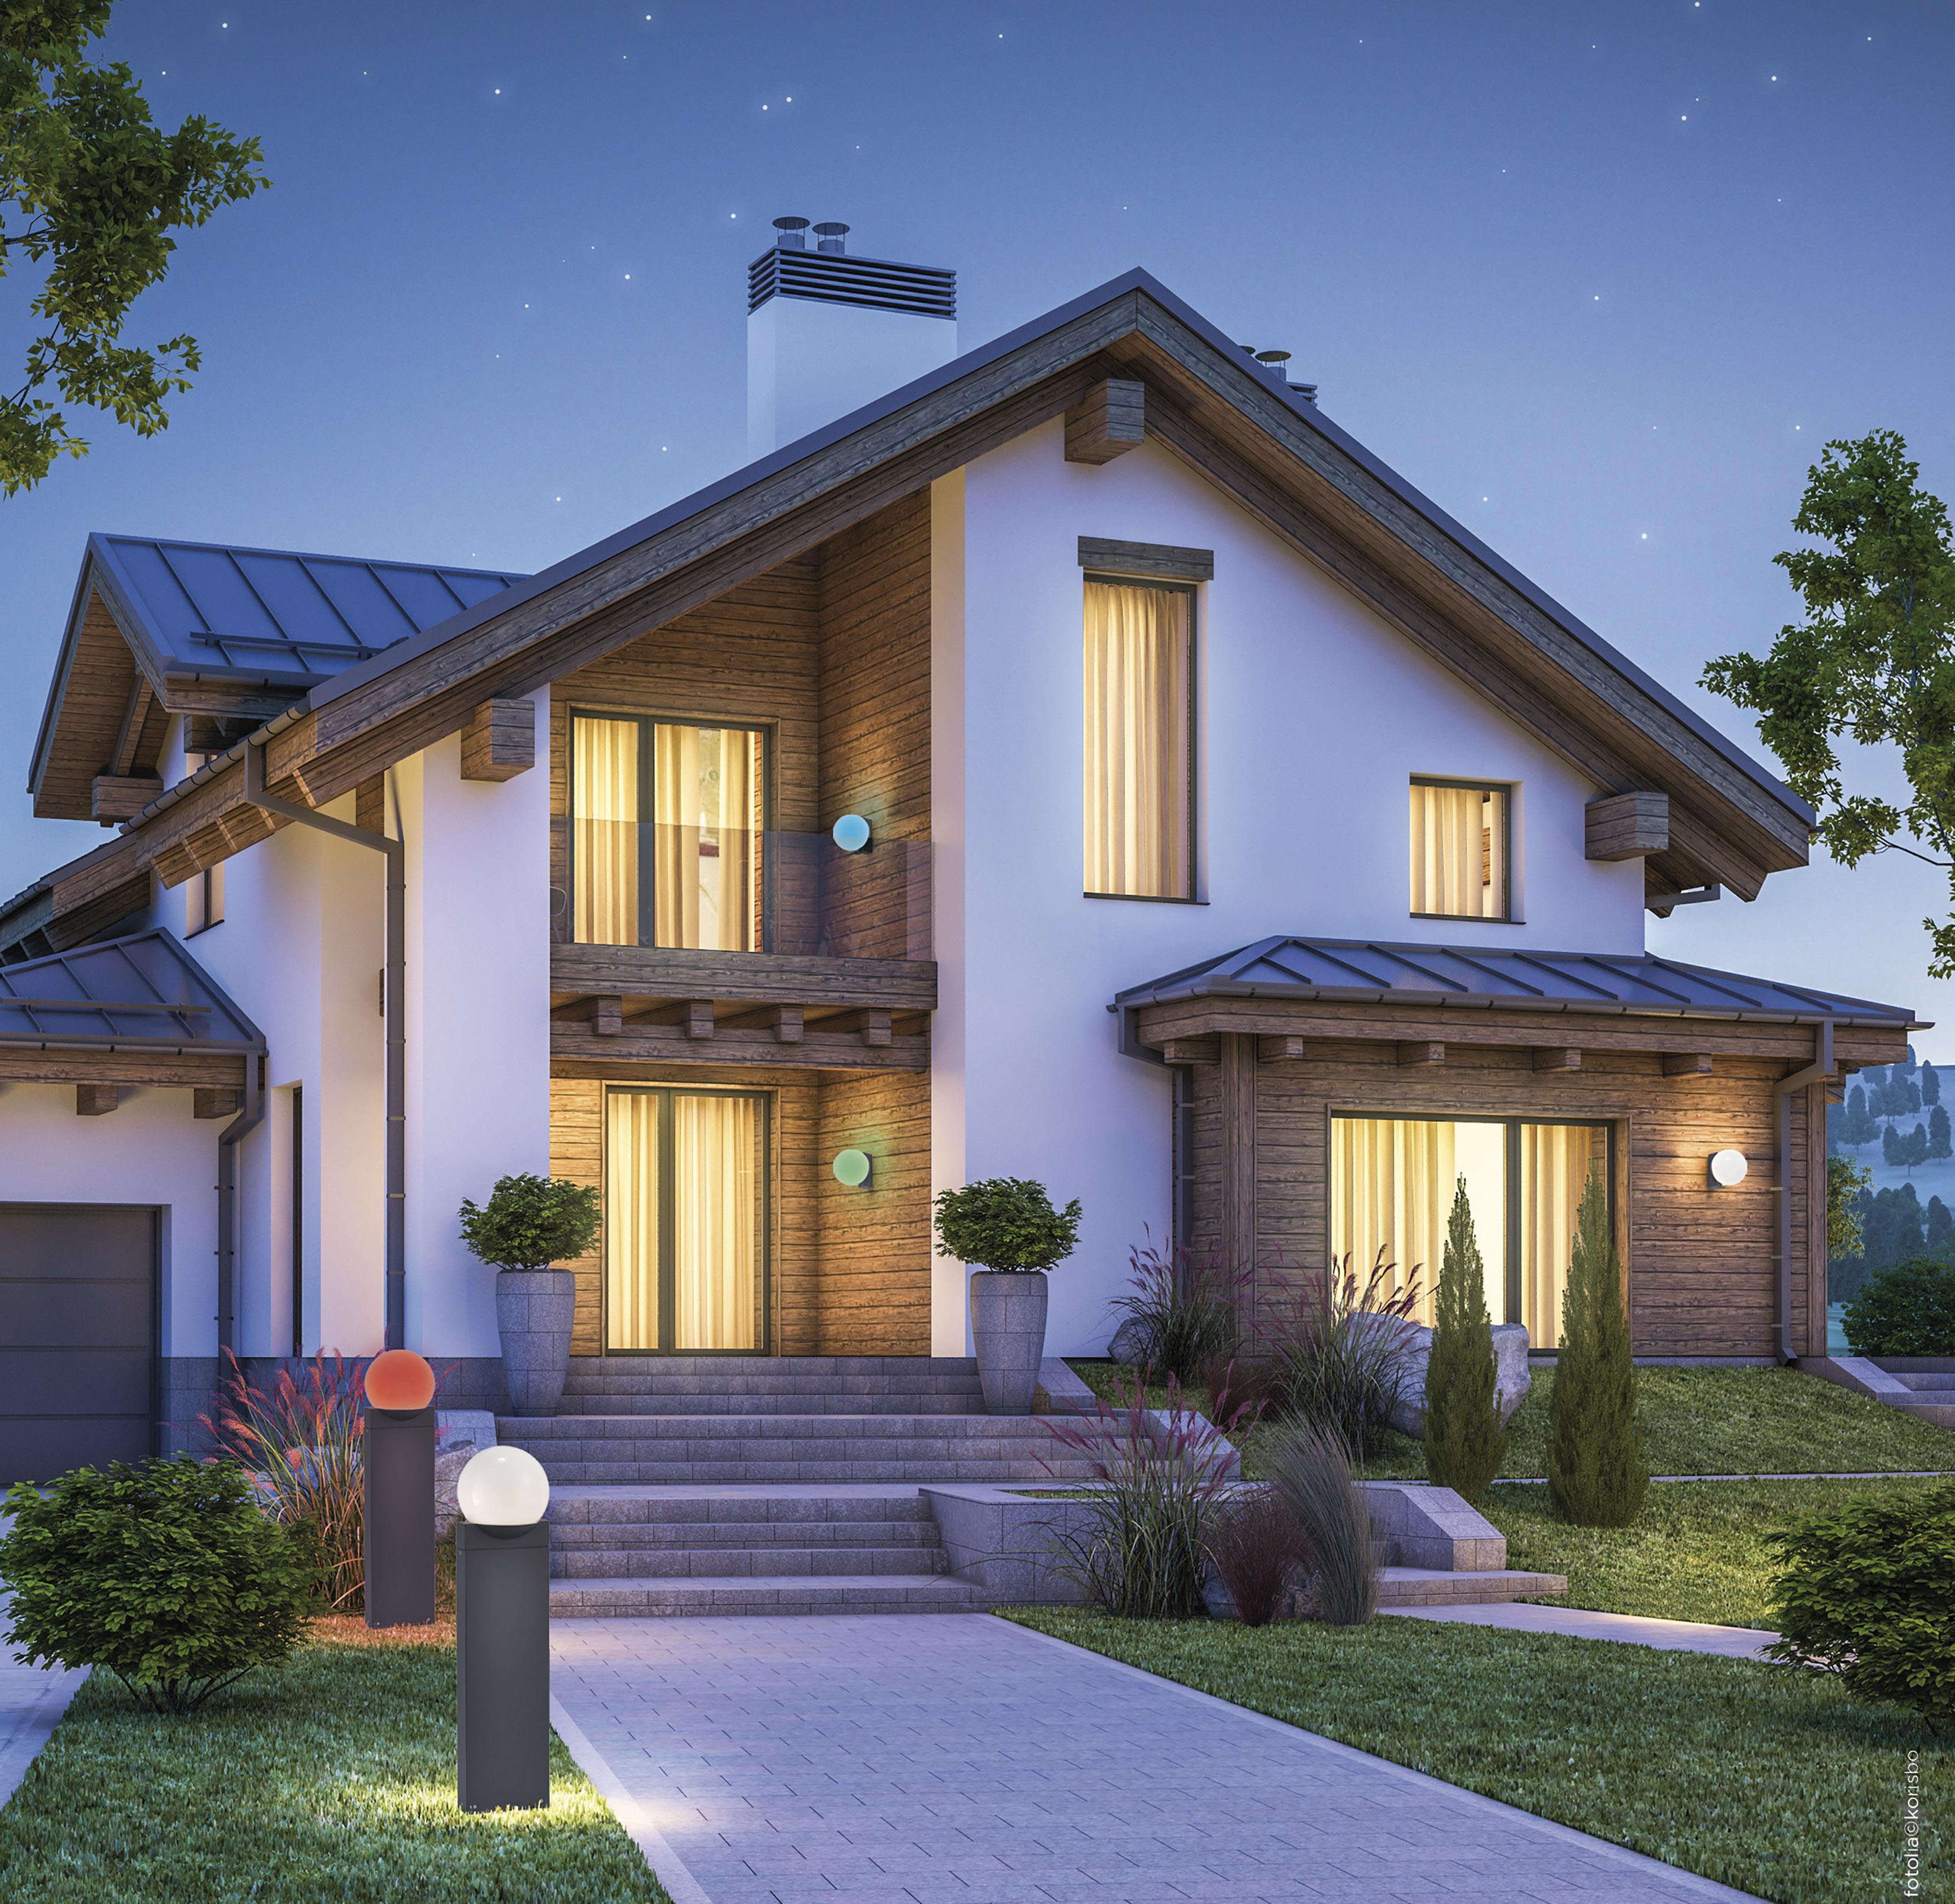 Q-LINO Außenleuchte Smart-Home, RGB Farbwechsel inkl. Dimmfunktion, spritzwassergeschützt (Auslauf)